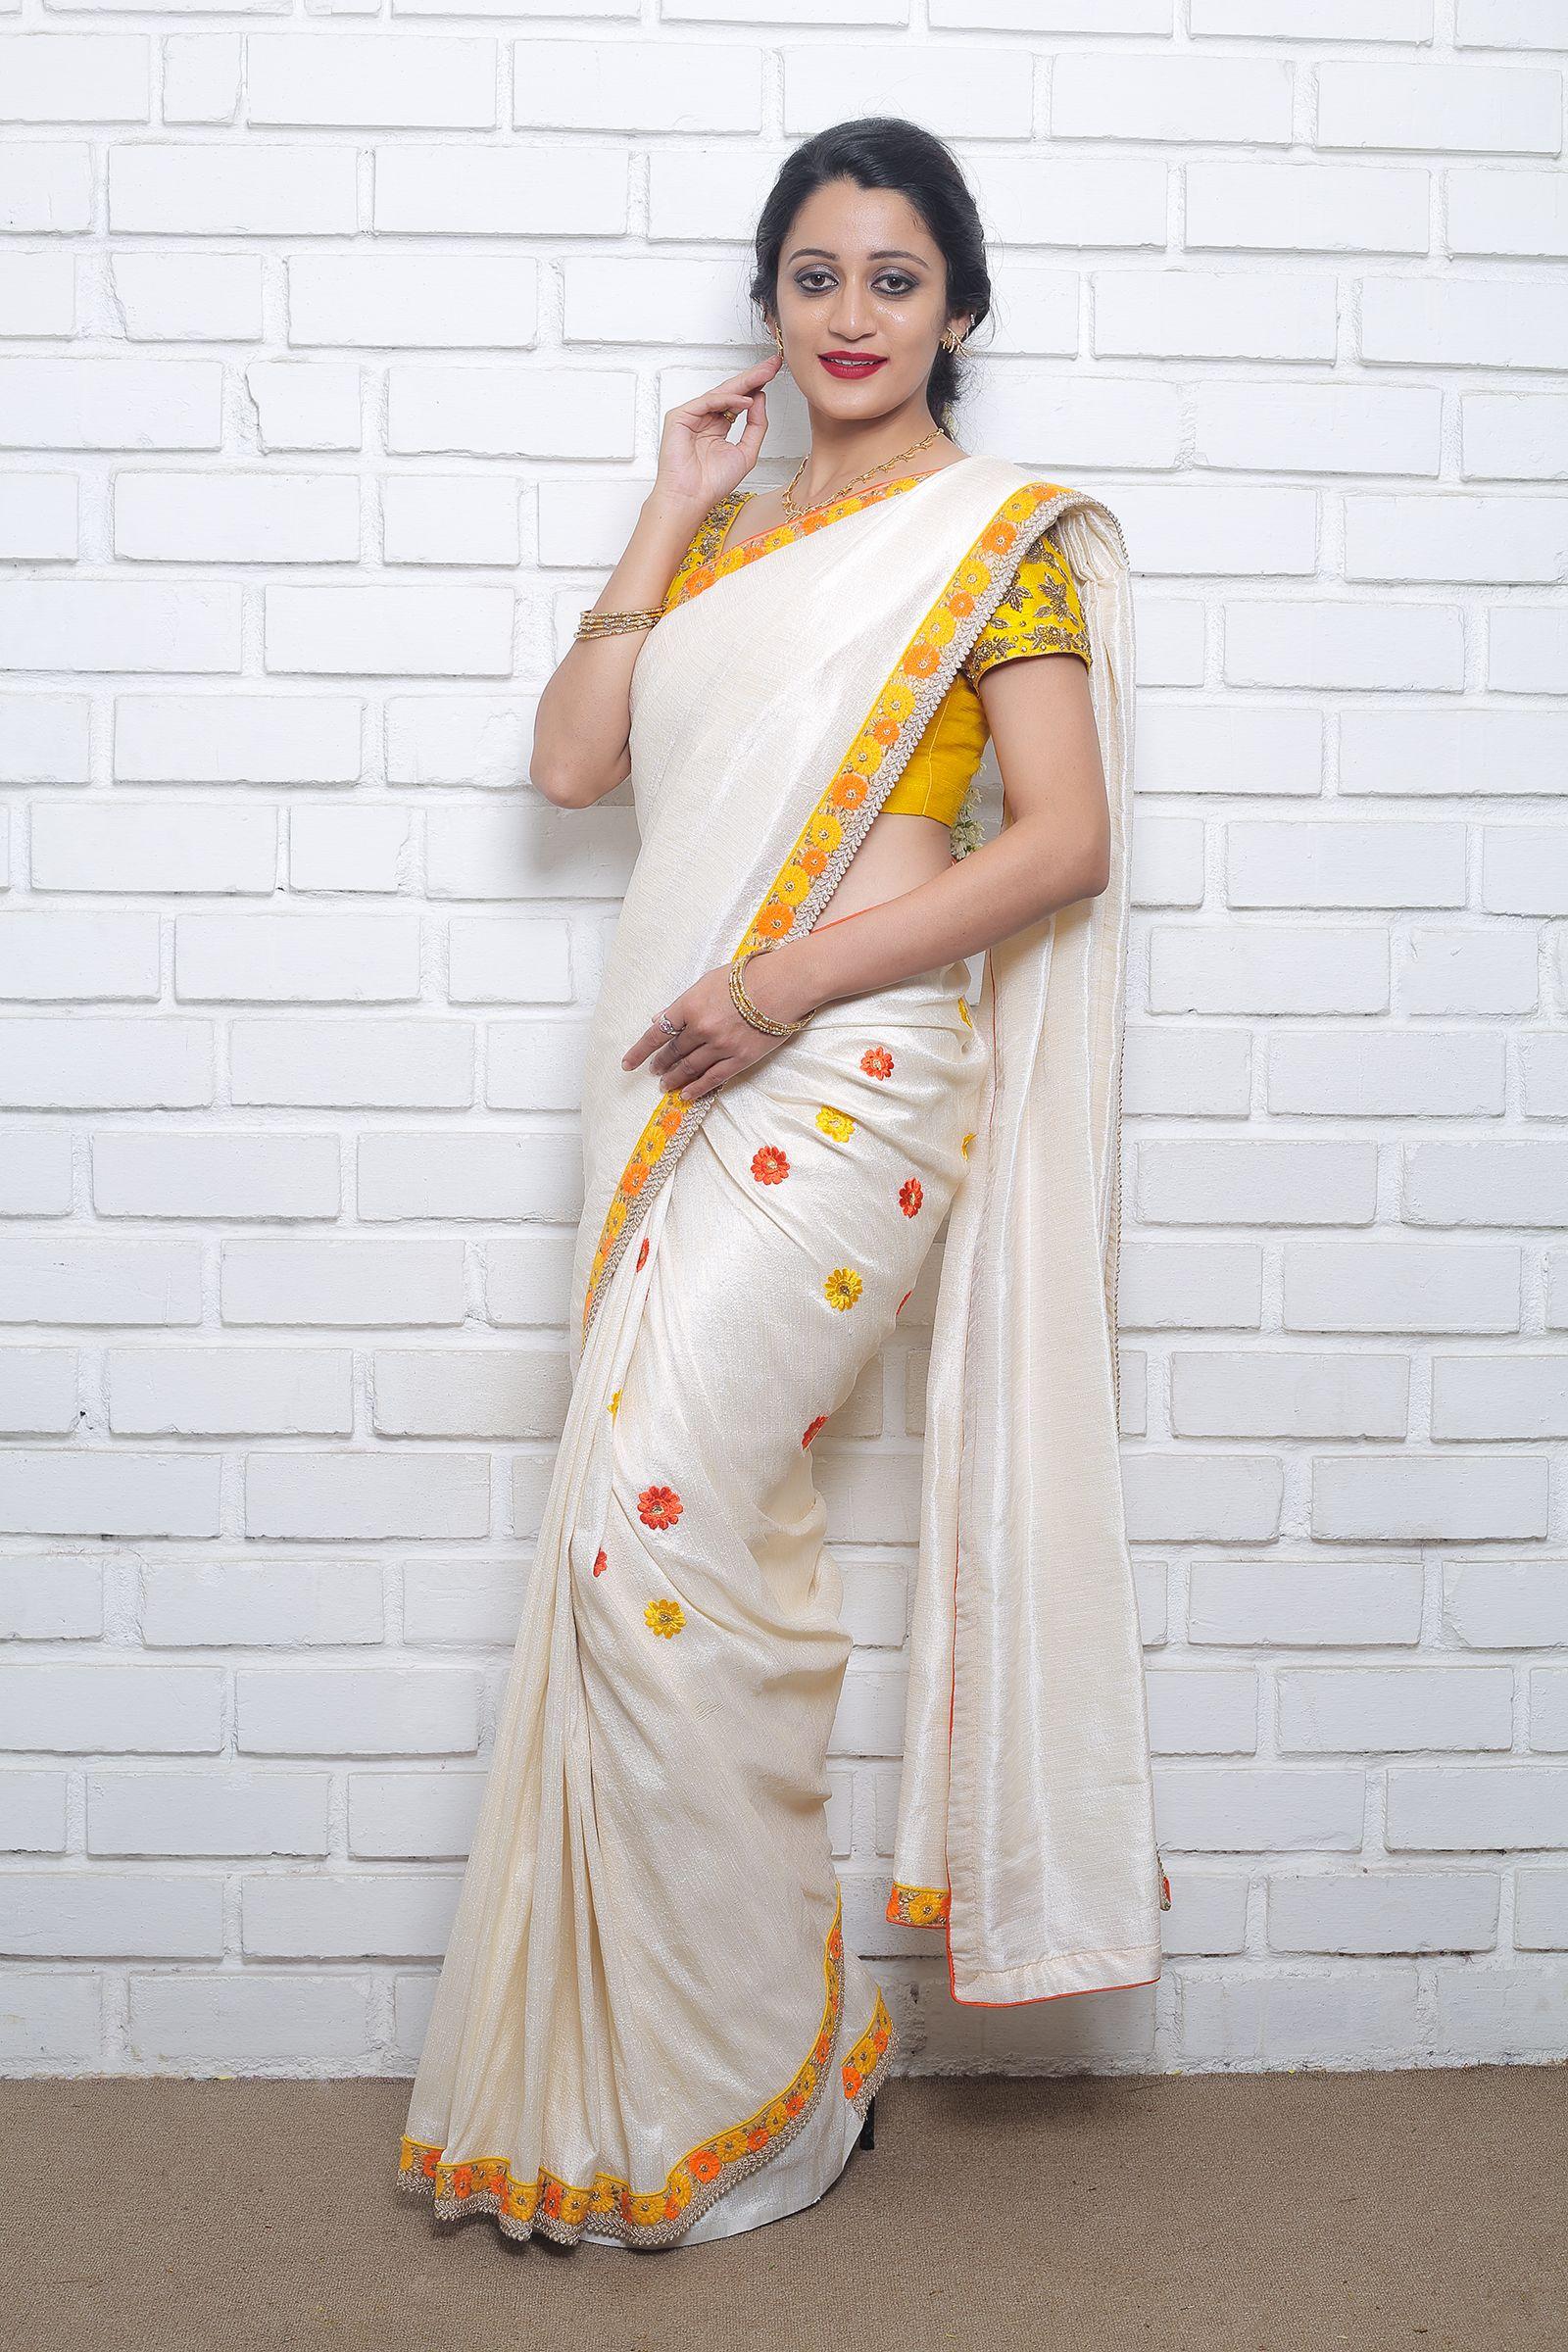 Saree designers in bangalore dating